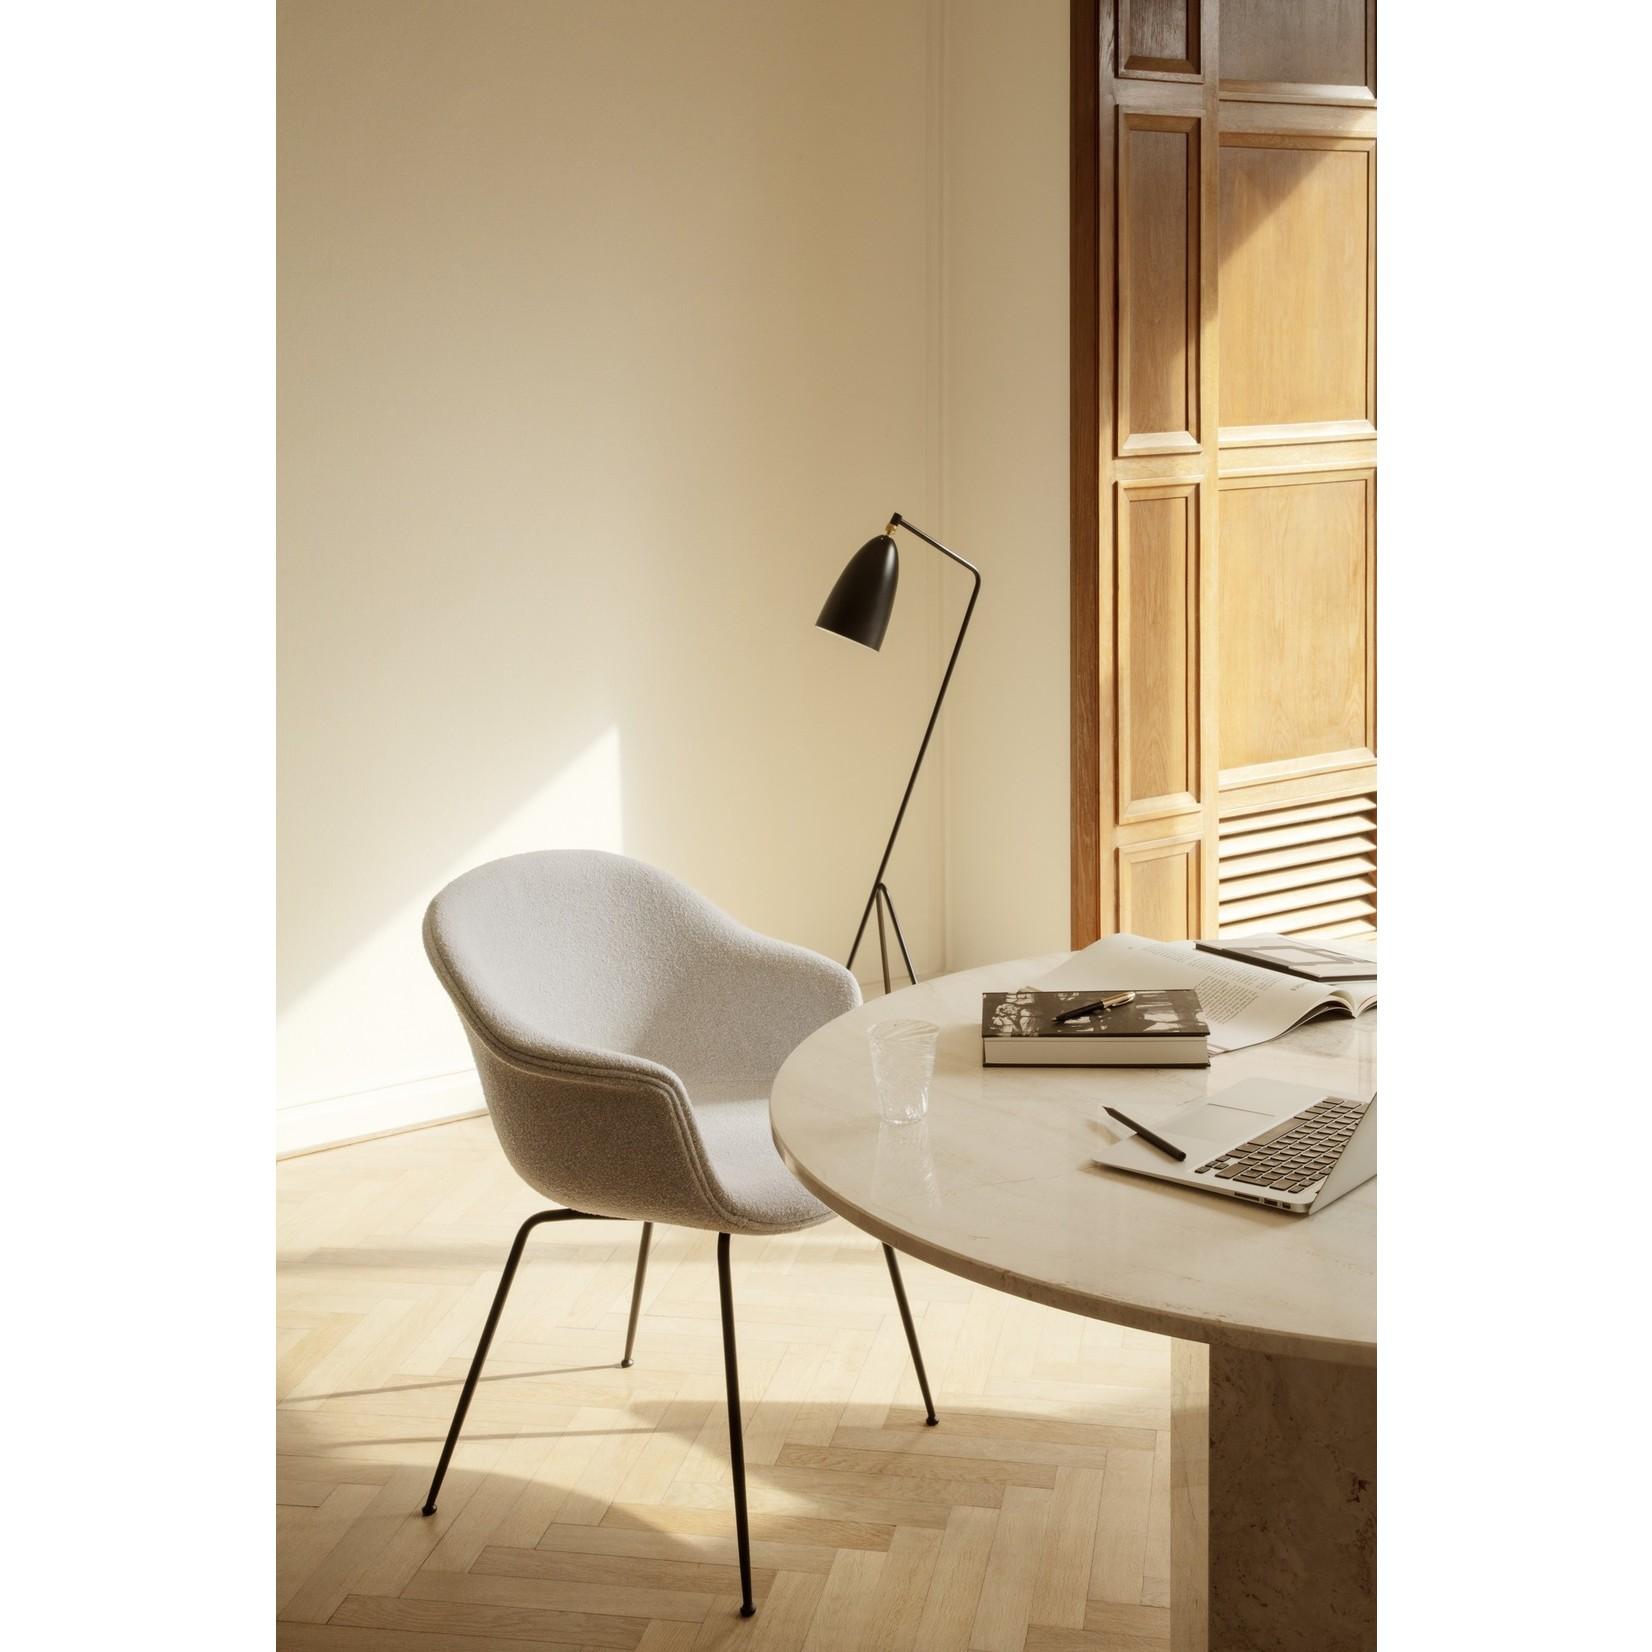 Gubi Bat Dining Chair | Light Bouclé 001 & Black Matt Base